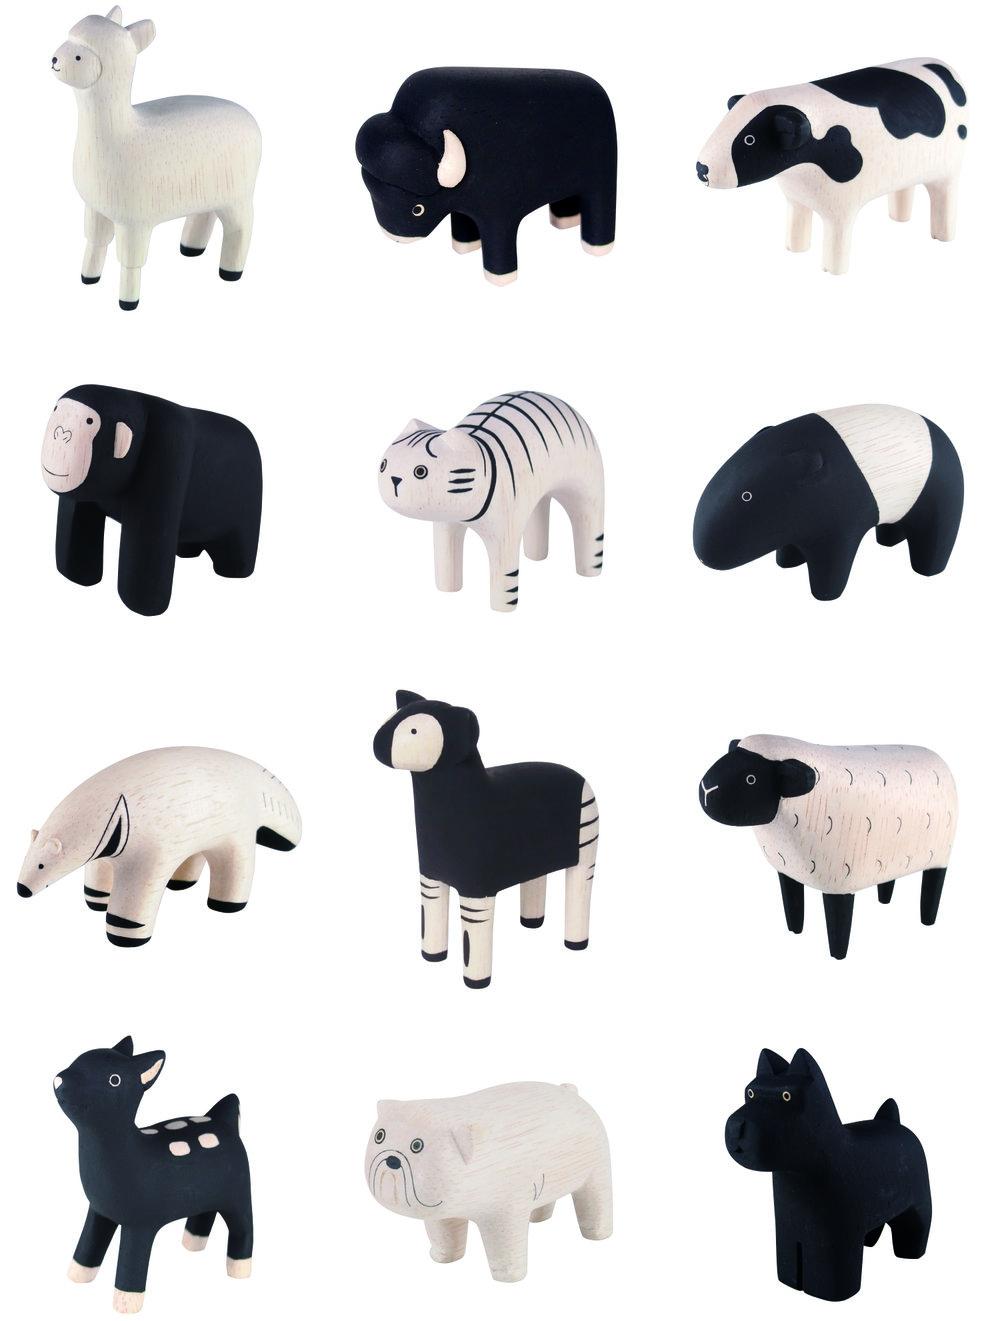 策展人:手工制作,经久耐用,质量一流。每个动物都有自己独特的表情,当一组动物被放在一起时,也能收获一种不同寻常的赏玩乐趣。 - 在平滑磨具的辅助下,原木被切割成大致的尺寸并进行风干。随后,工匠仅用砂纸对其进行手工塑型。因为每个动物都是手工制作和绘制的,它们都有着自己独特的表情。